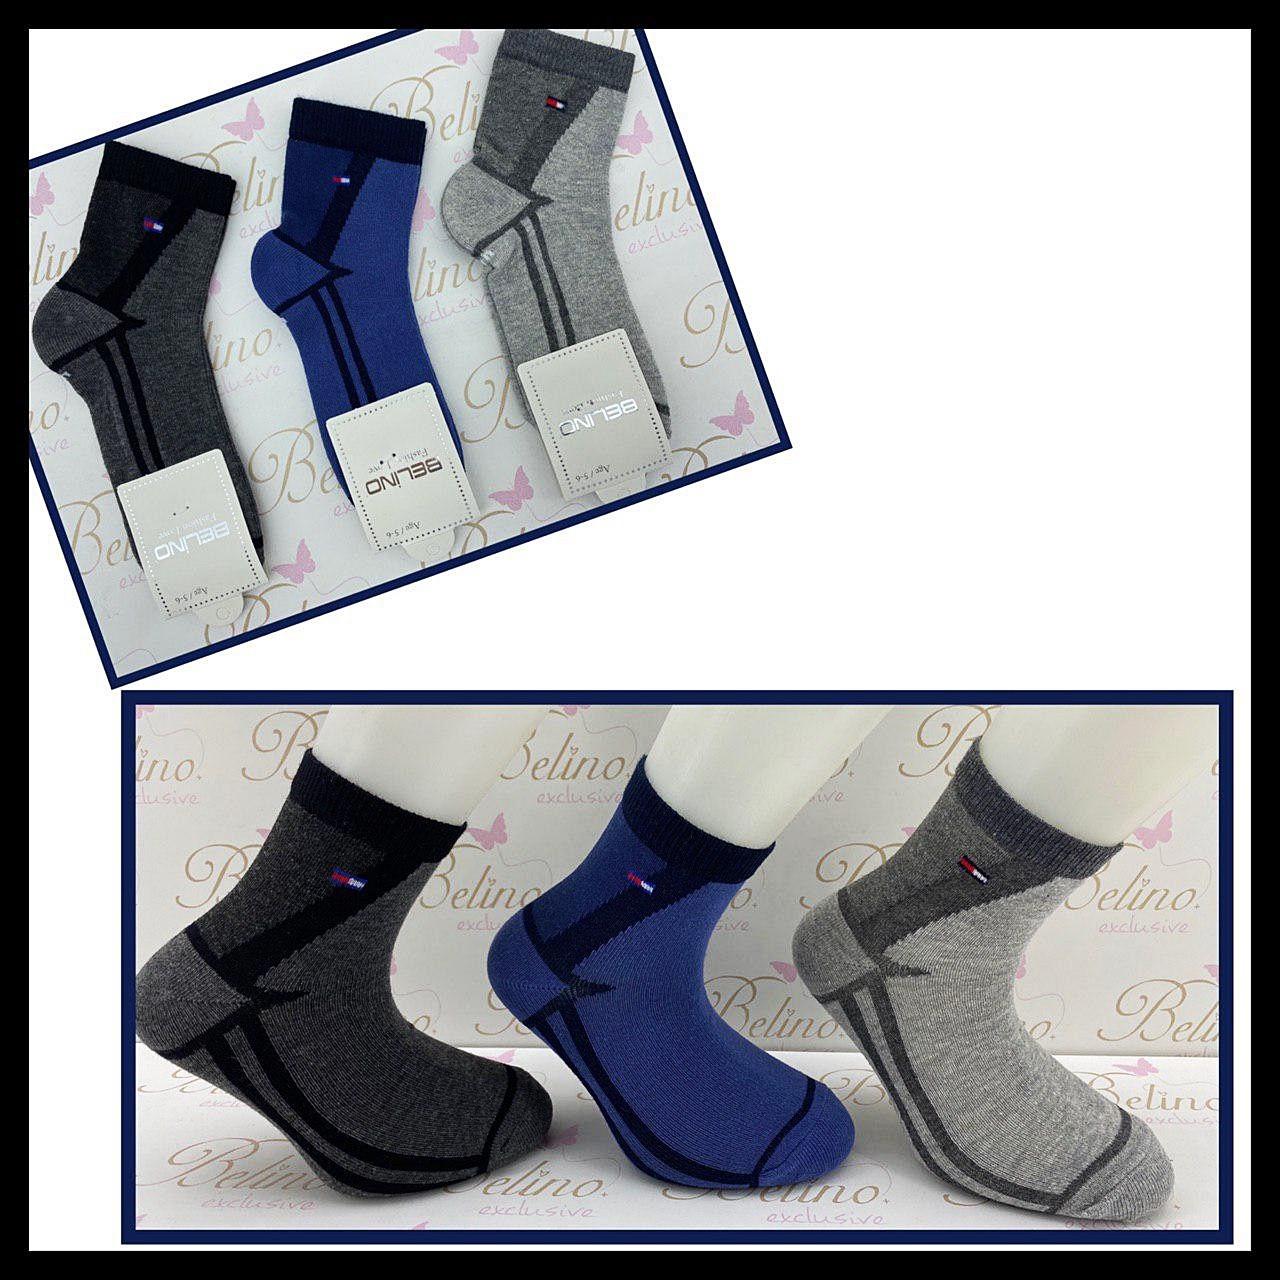 Хлопковые носки для мальчиков 5-6 лет ТМ Belino